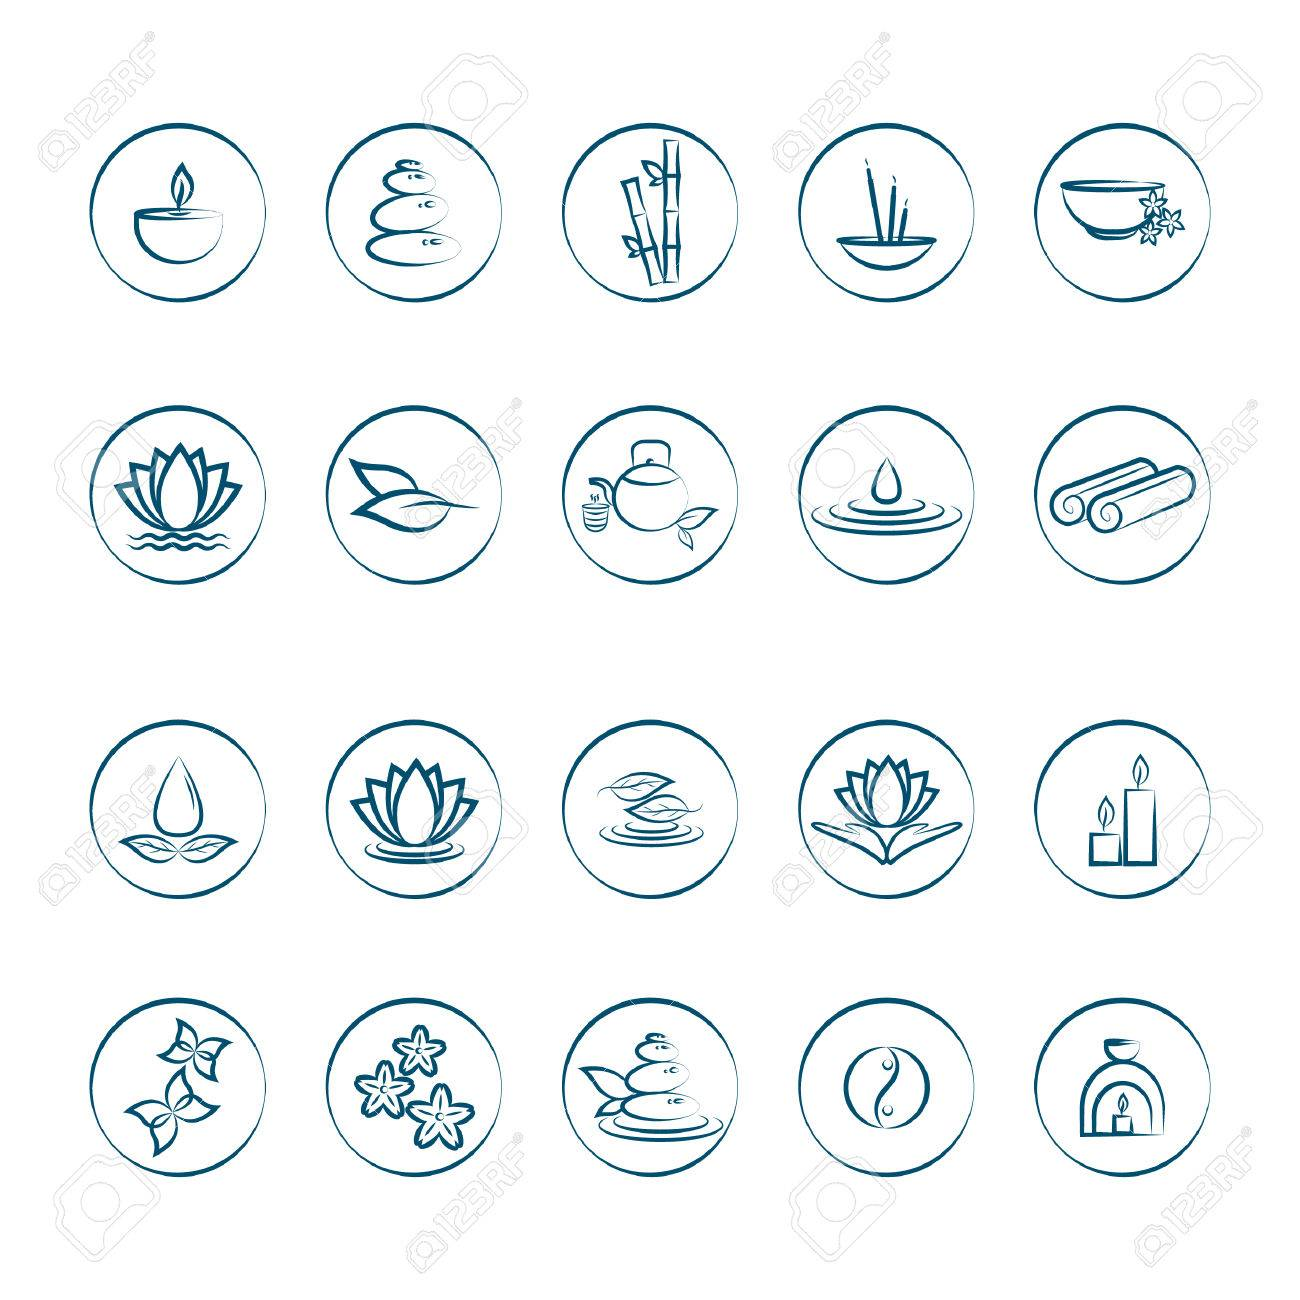 assorted zen icons set - 52544027